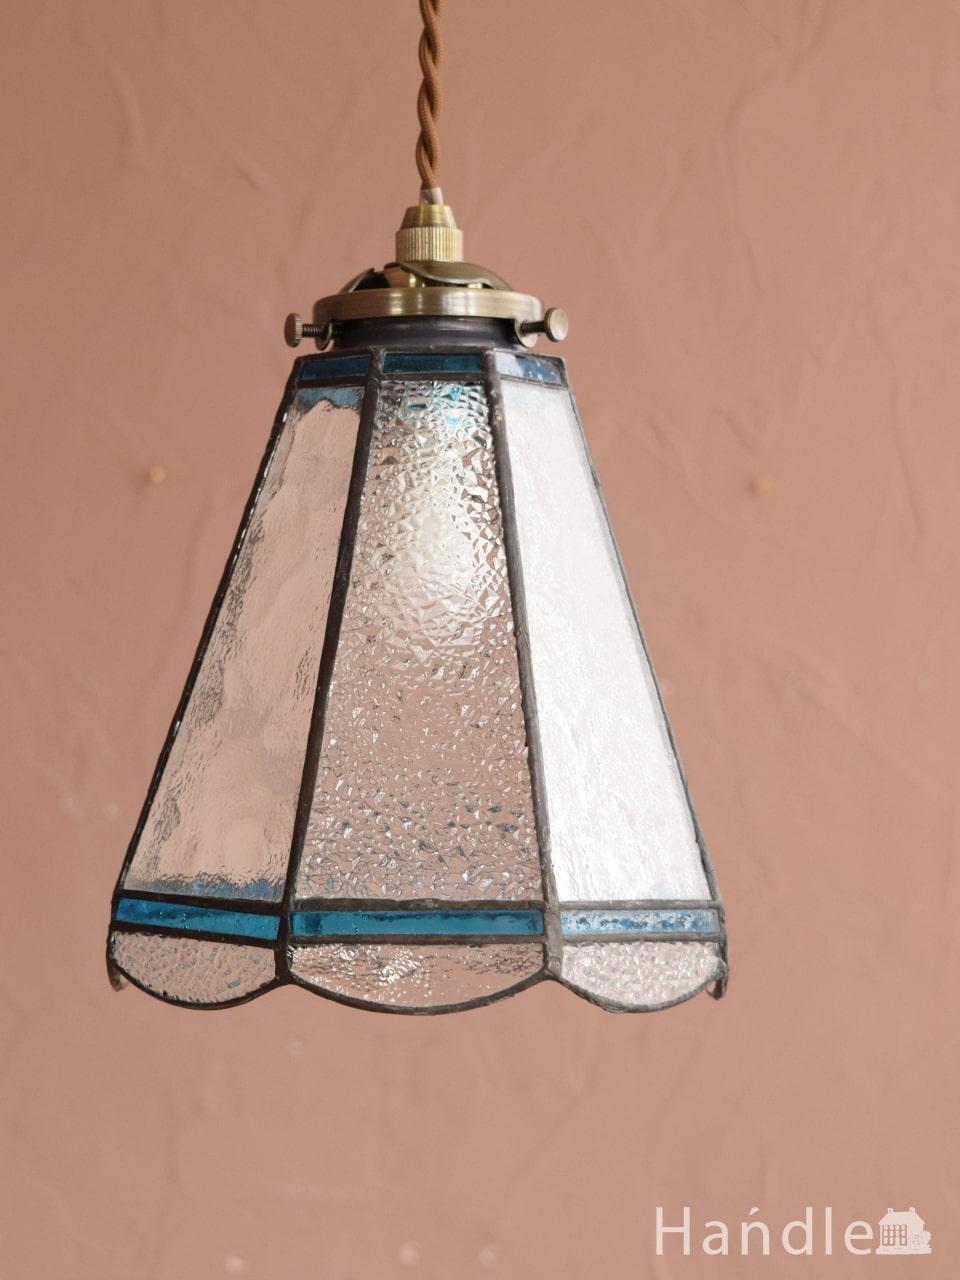 アンティーク調のおしゃれな照明、レトロな雰囲気のペンダントライト(ブルー・E17型LED電球付き・コードセット) (pl-314)